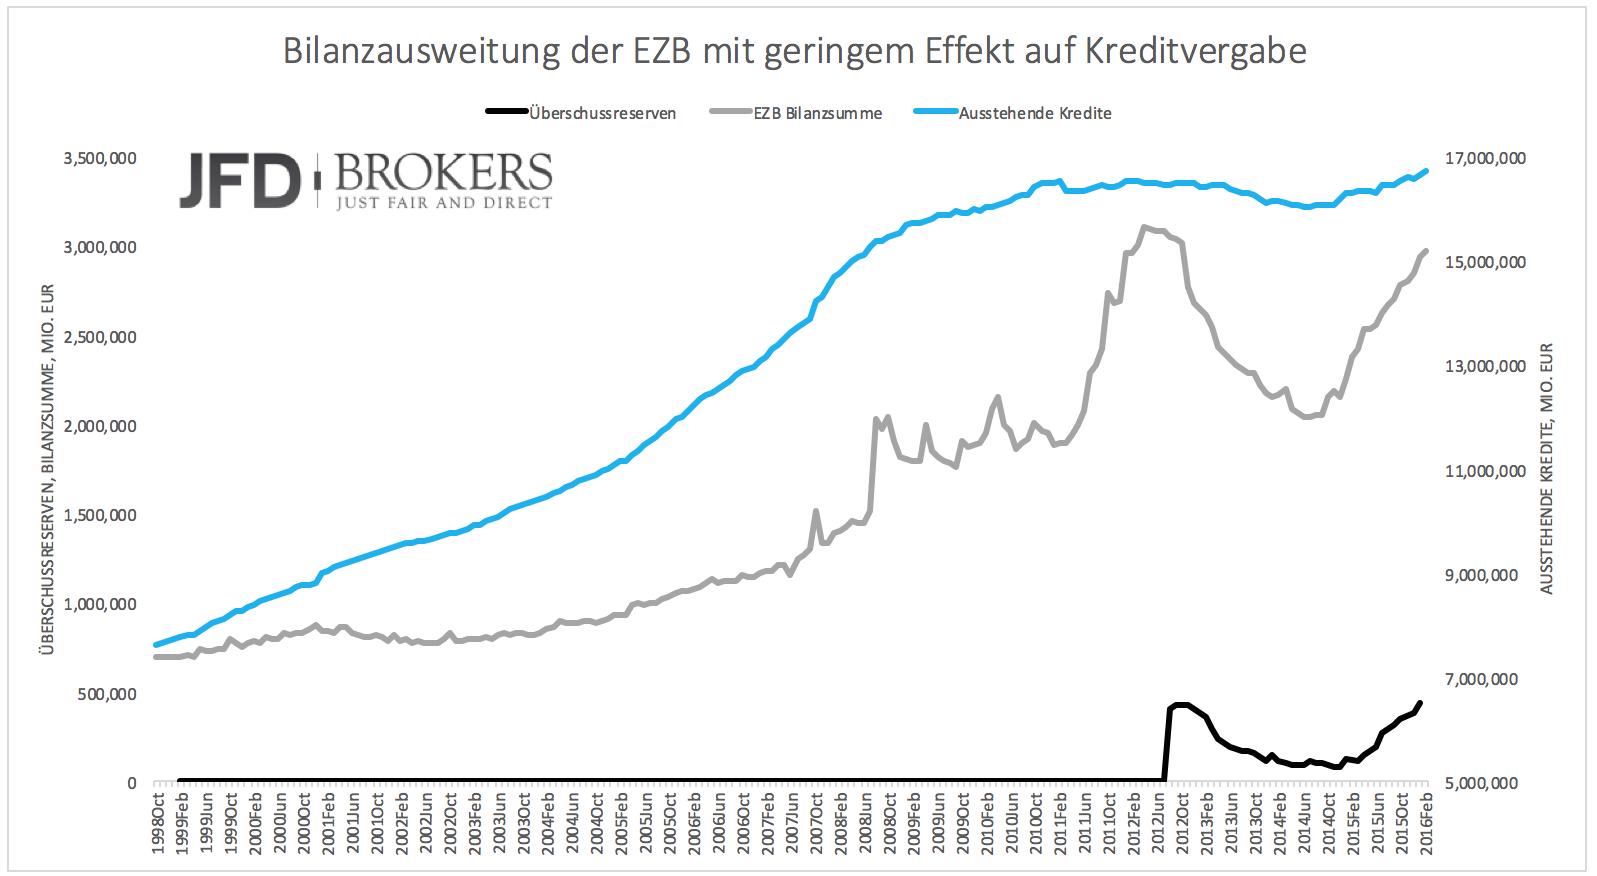 Wie-stark-leiden-Banken-wirklich-unter-den-Niedrigzinsen-Kommentar-JFD-Brokers-GodmodeTrader.de-1